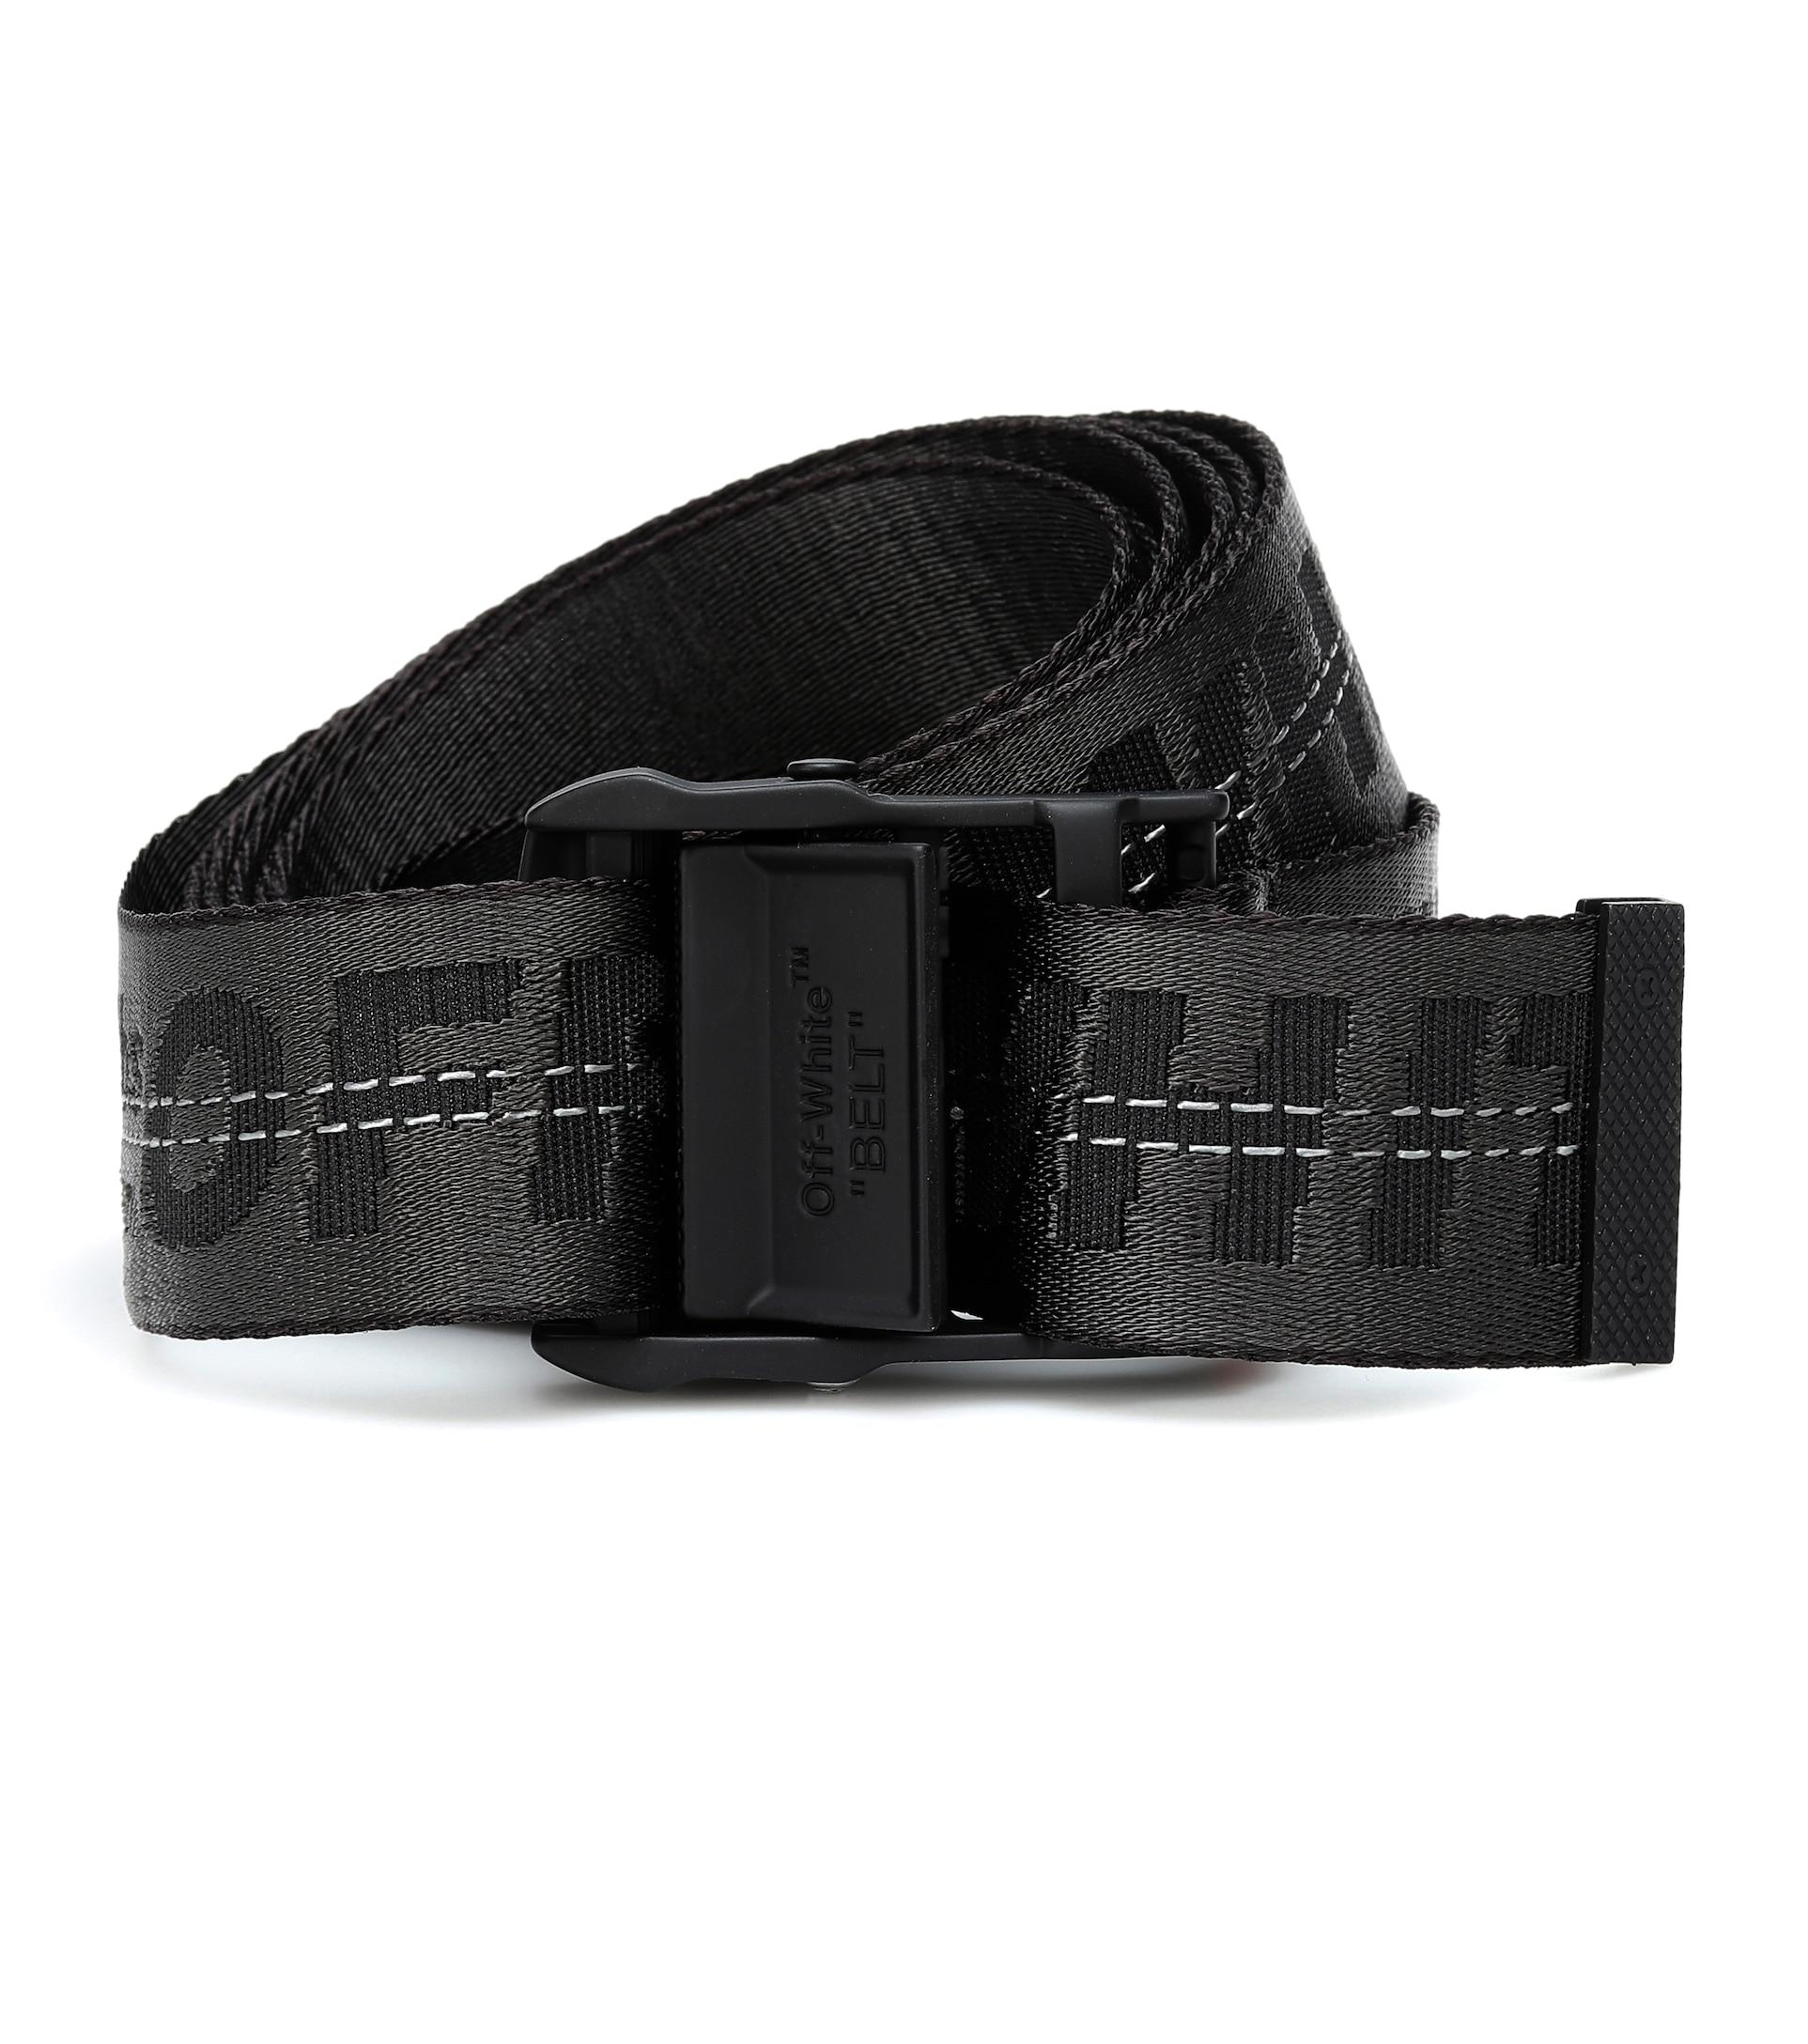 Cinturones blancos para hombre o mujer, cinturón de lona con letras bordadas para hombre o mujer, cinturones de marca de diseñador de lujo